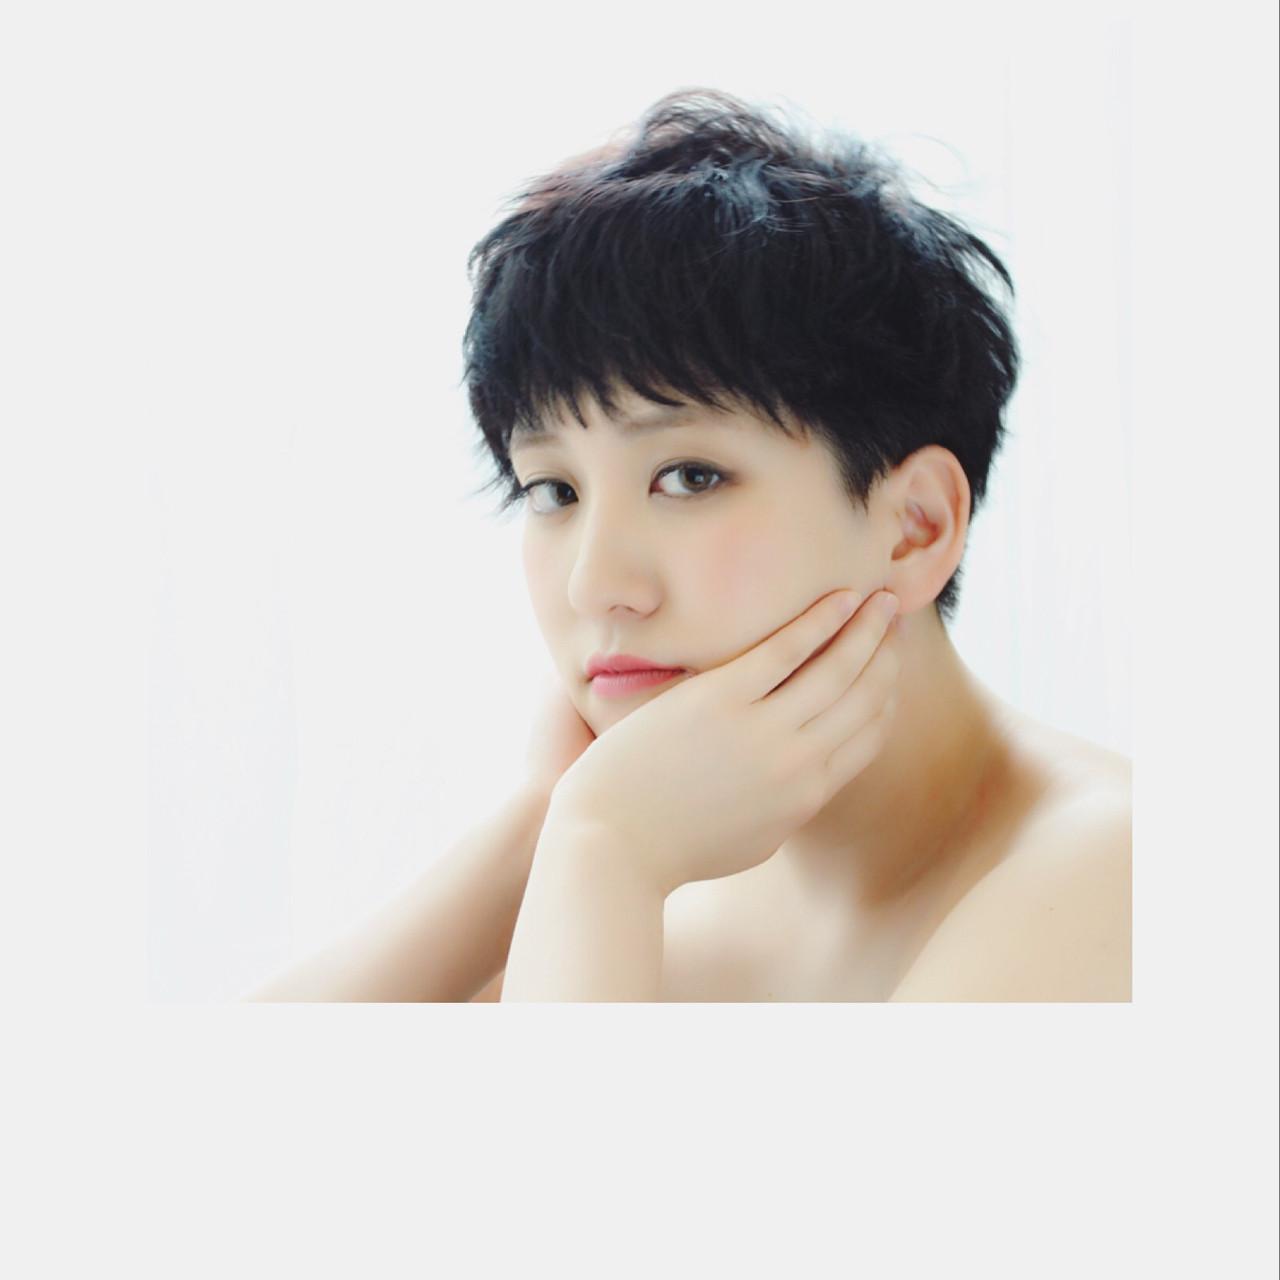 面長さんに似合うショートって?似合わせのコツは形にあった! Mayumi Masumitsu